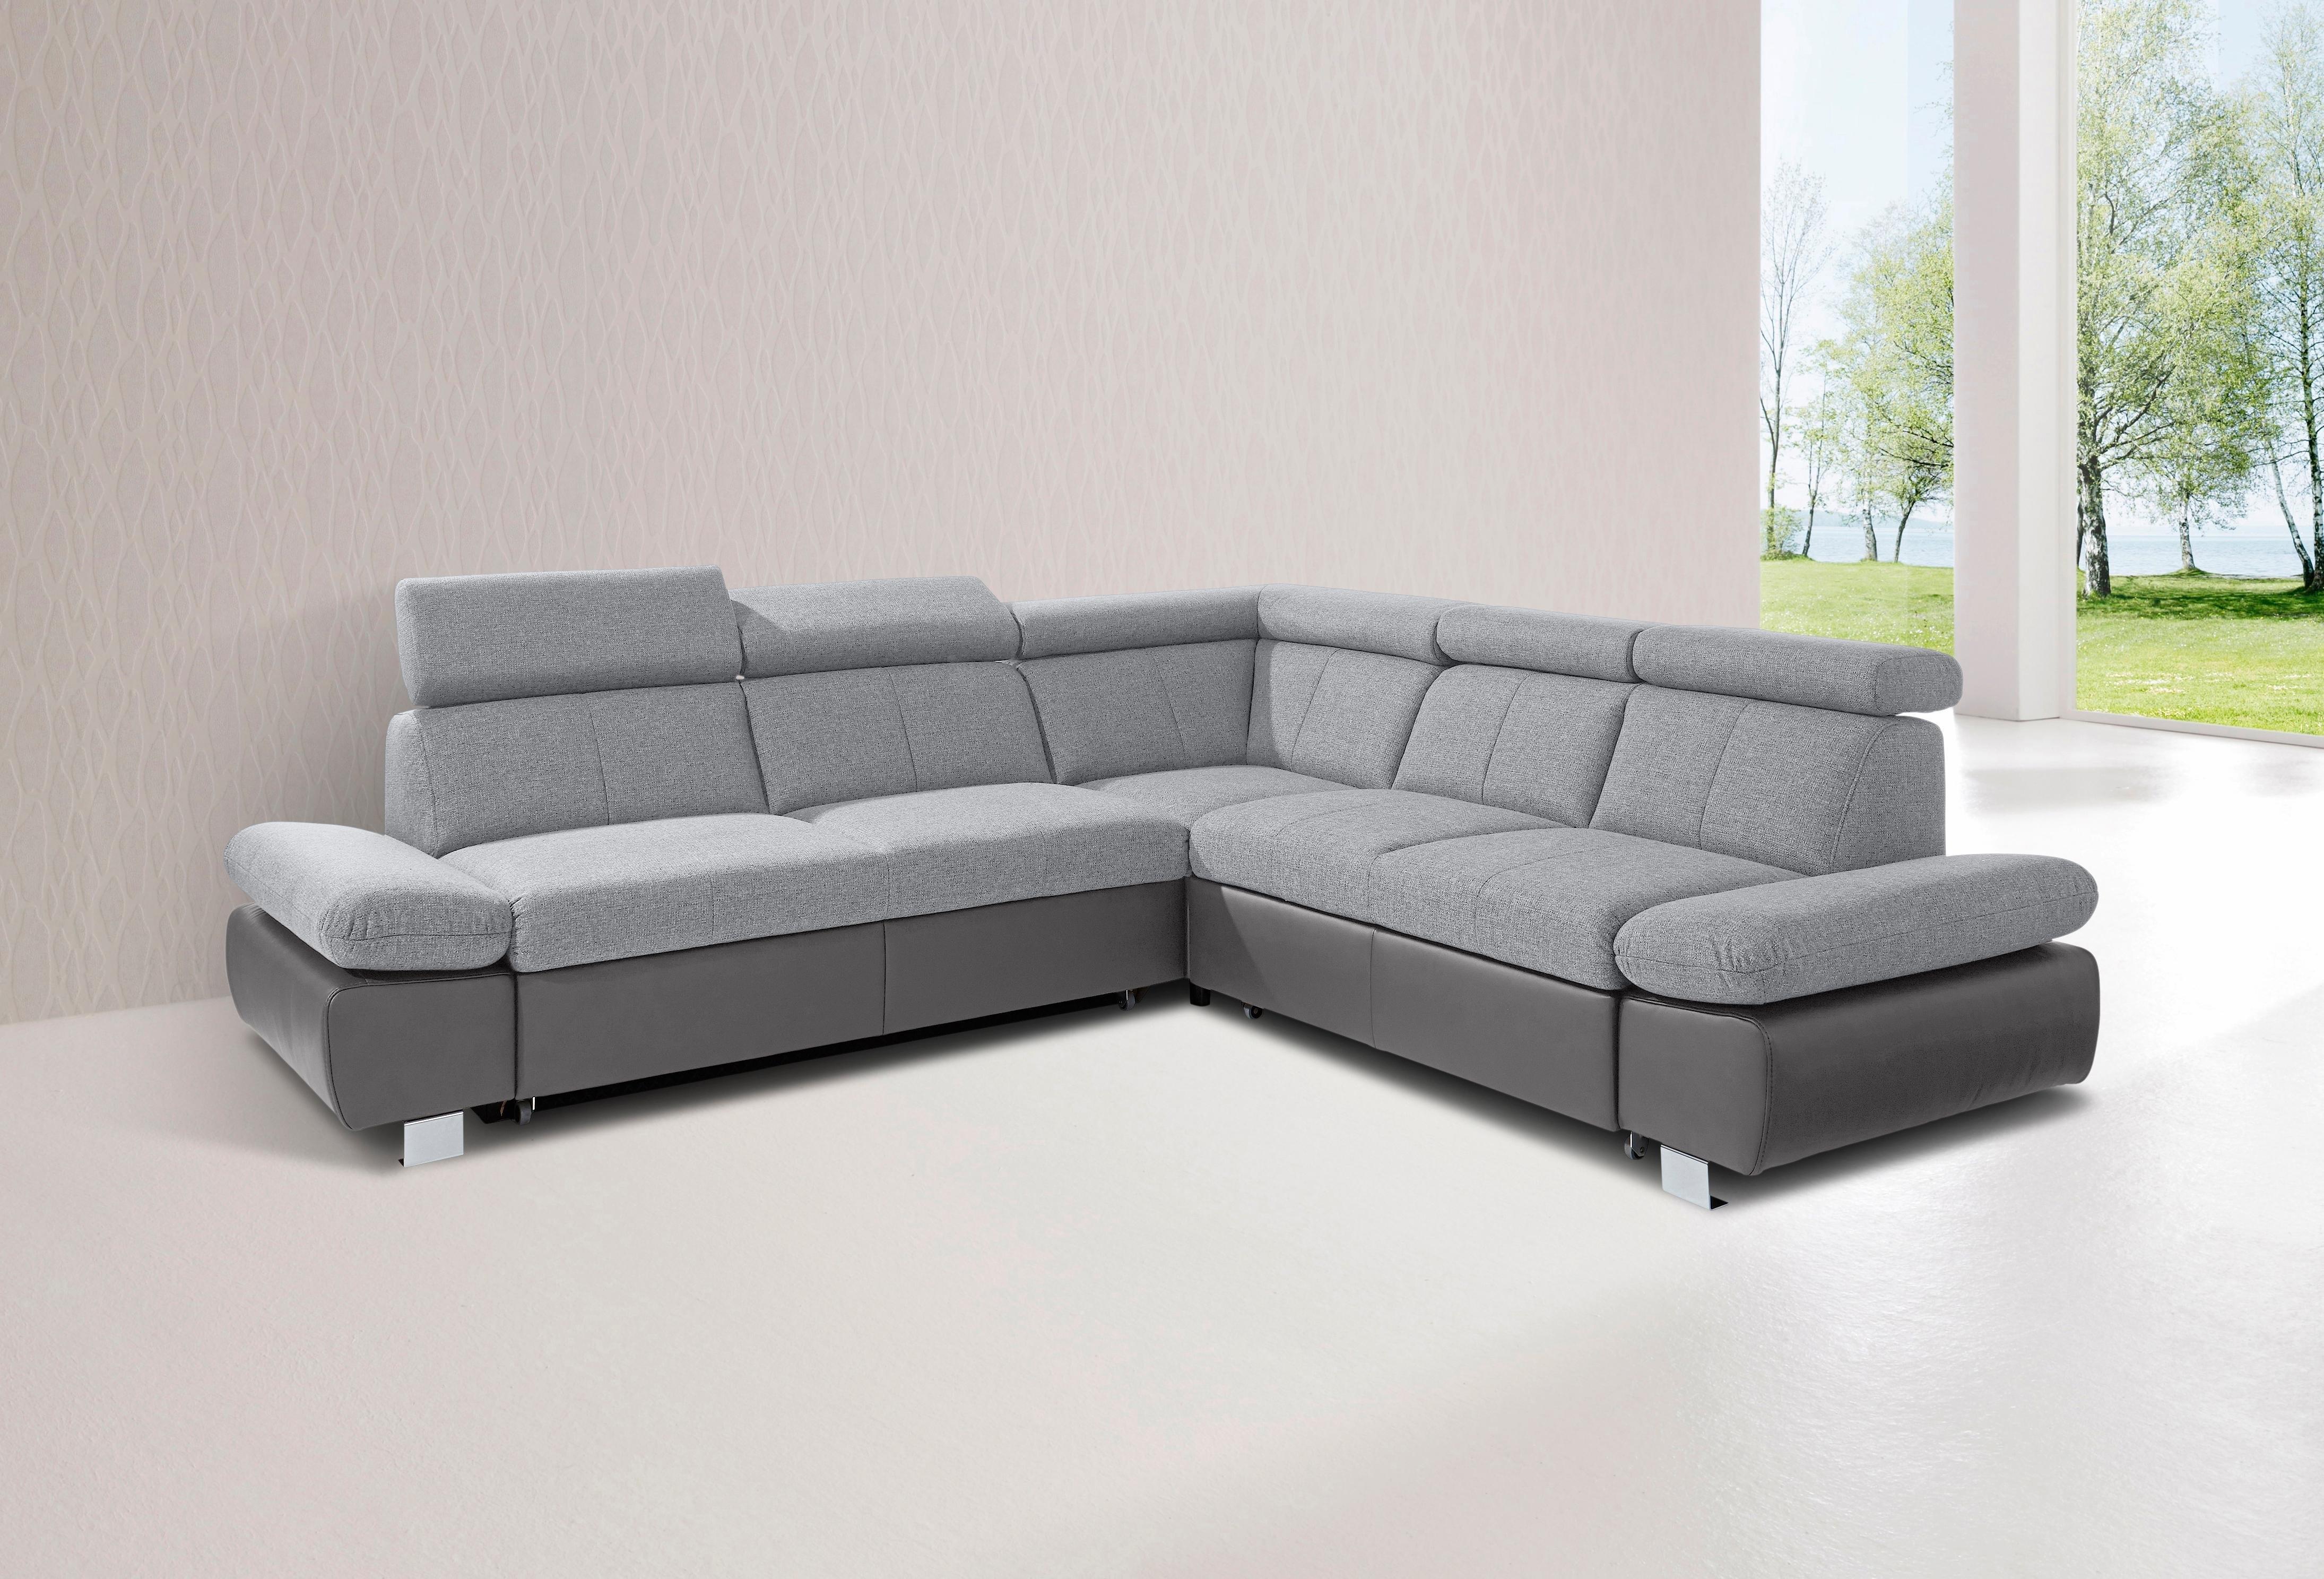 Exxpo - Sofa Fashion GALA COLLEZIONE hoekbank, met lange zijde en naar keuze met slaapfunctie bestellen: 30 dagen bedenktijd